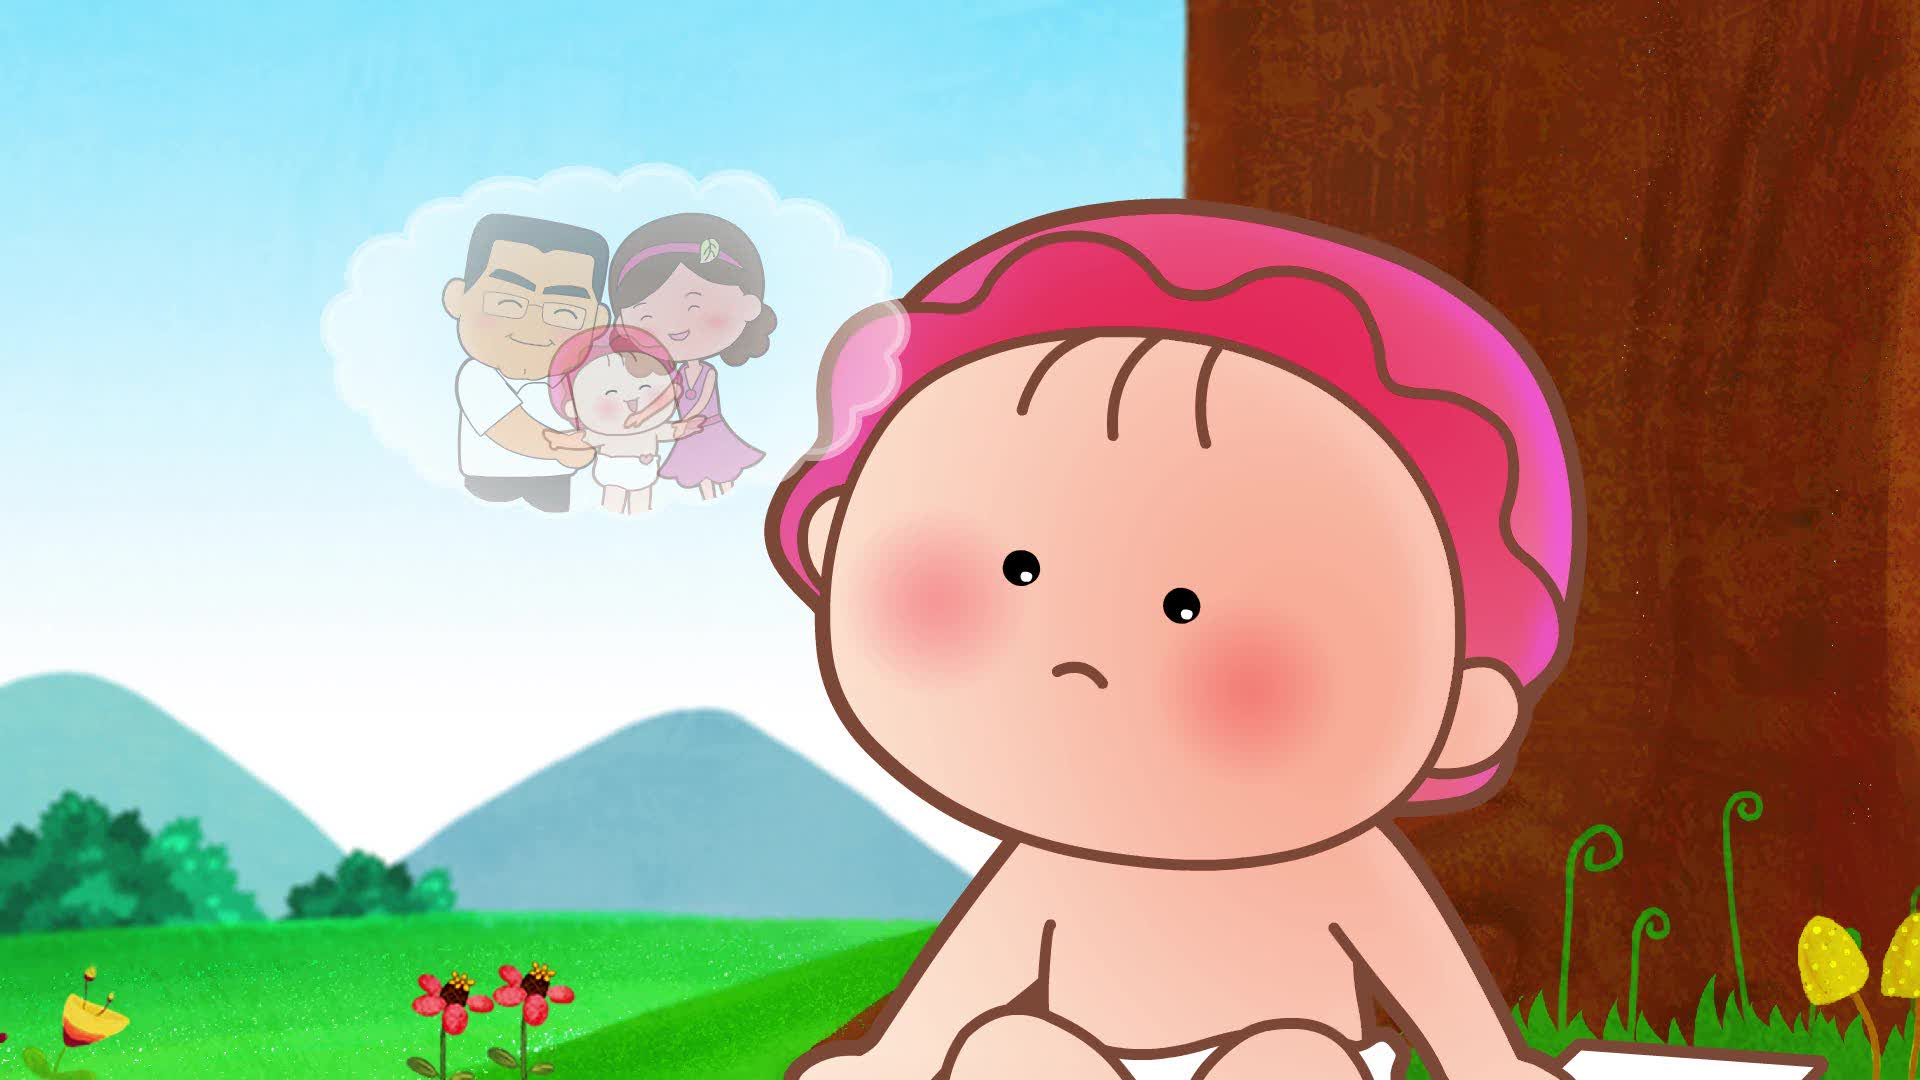 第11集《关爱留守儿童 让心灵不再孤单》